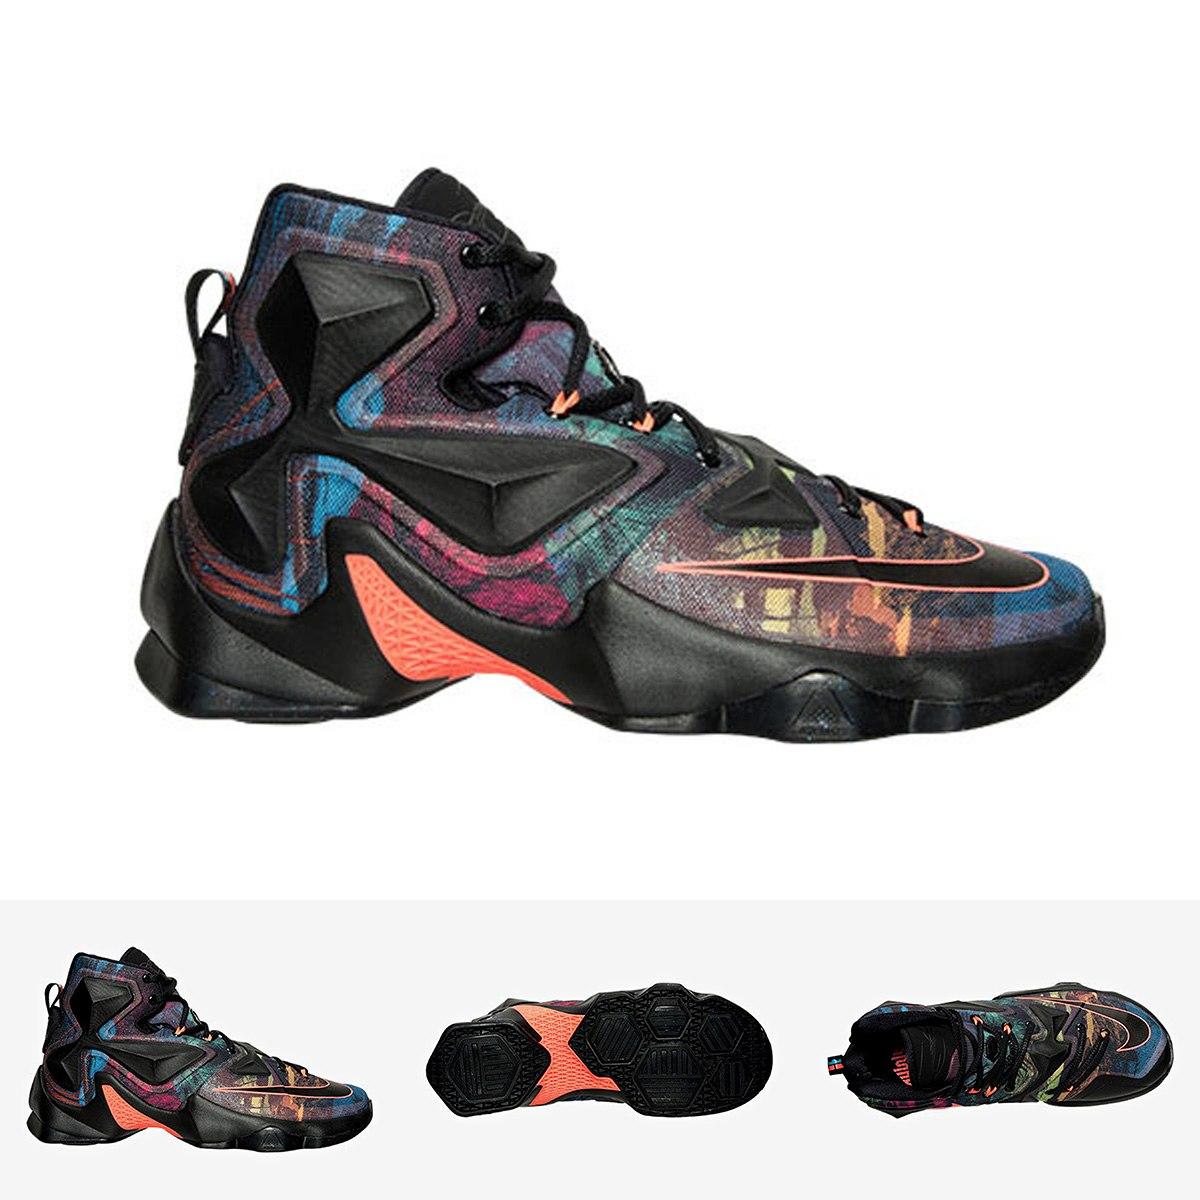 Zapatillas Nike Lebron 13 | Multicolor - S/ 499,00 en Mercado Libre